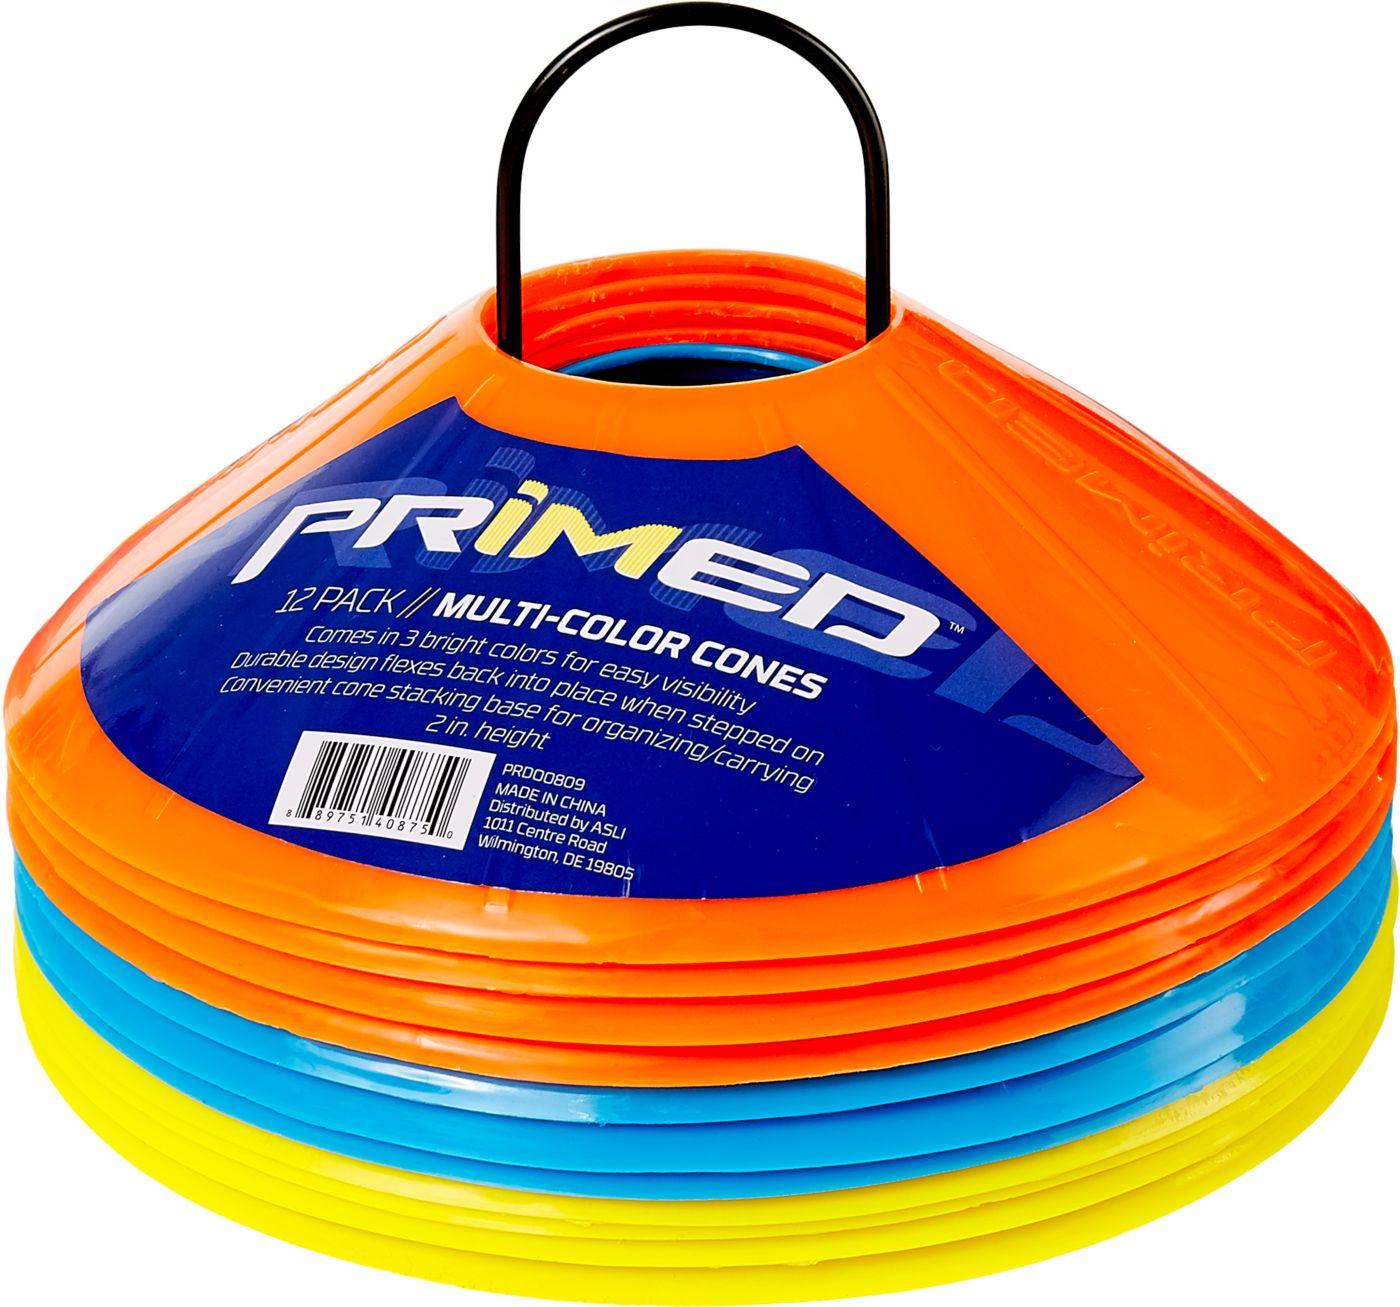 PRIMED 12-Pack Multi-Colored Cones